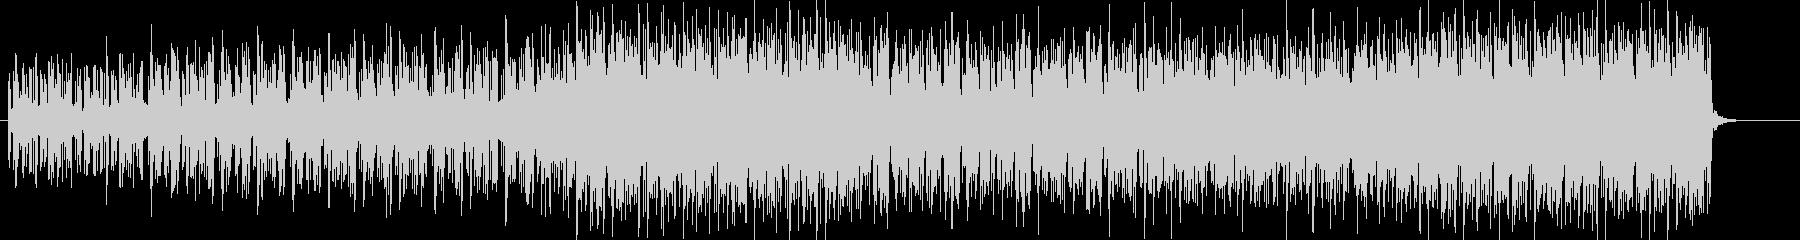 クイズ、ゲームBGMの未再生の波形